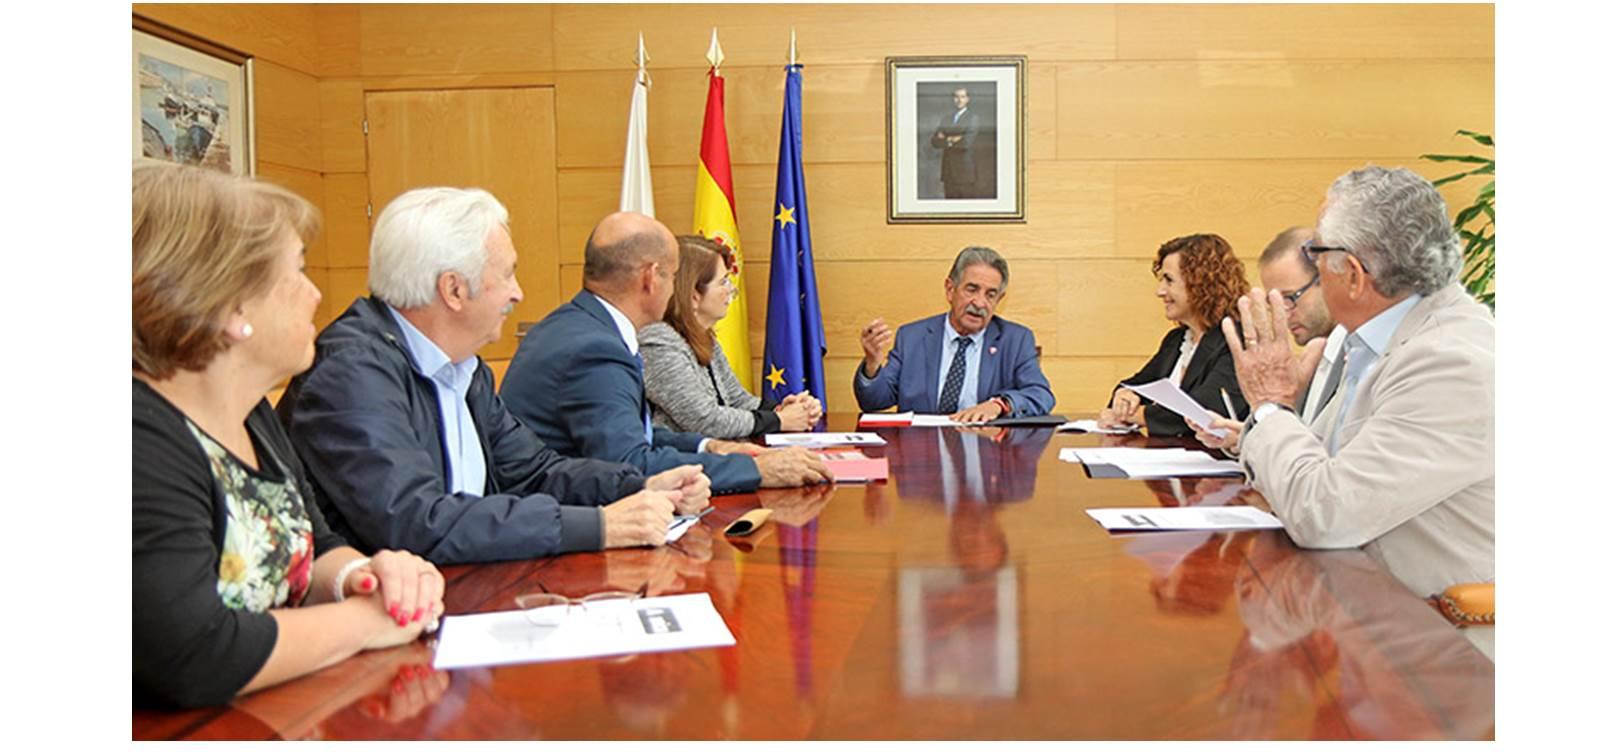 Imagen de la reunión de hoy en la sede del Gobierno de Cantabria (FOTO: Natalia Rasillo)